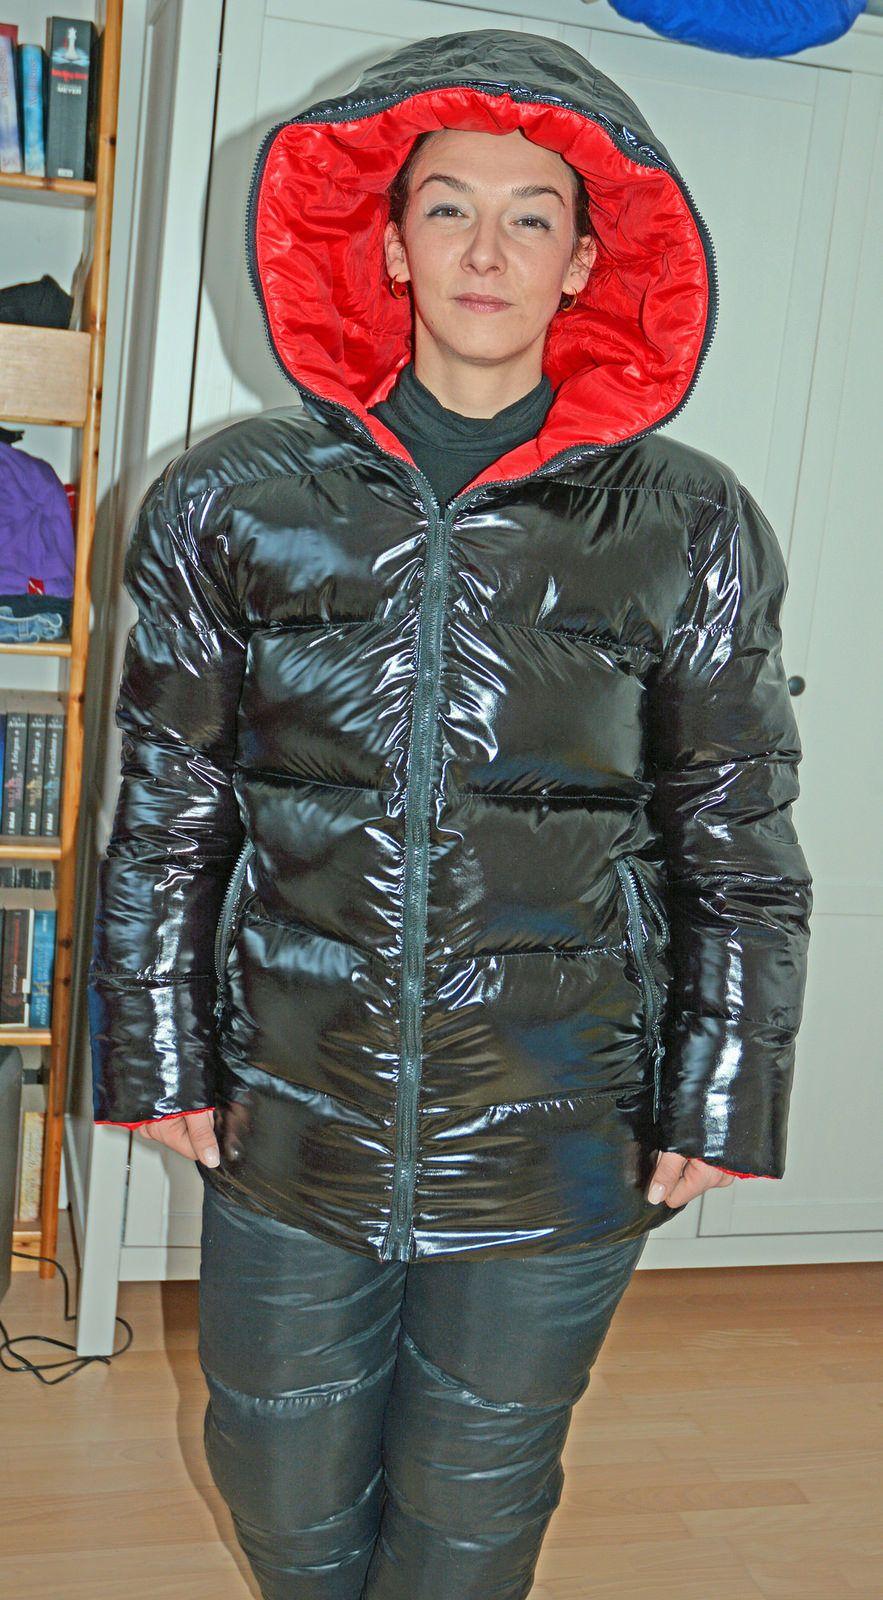 low priced 1183d 6596d Alle Größen Best of J in black shiny jacket Flickr ...